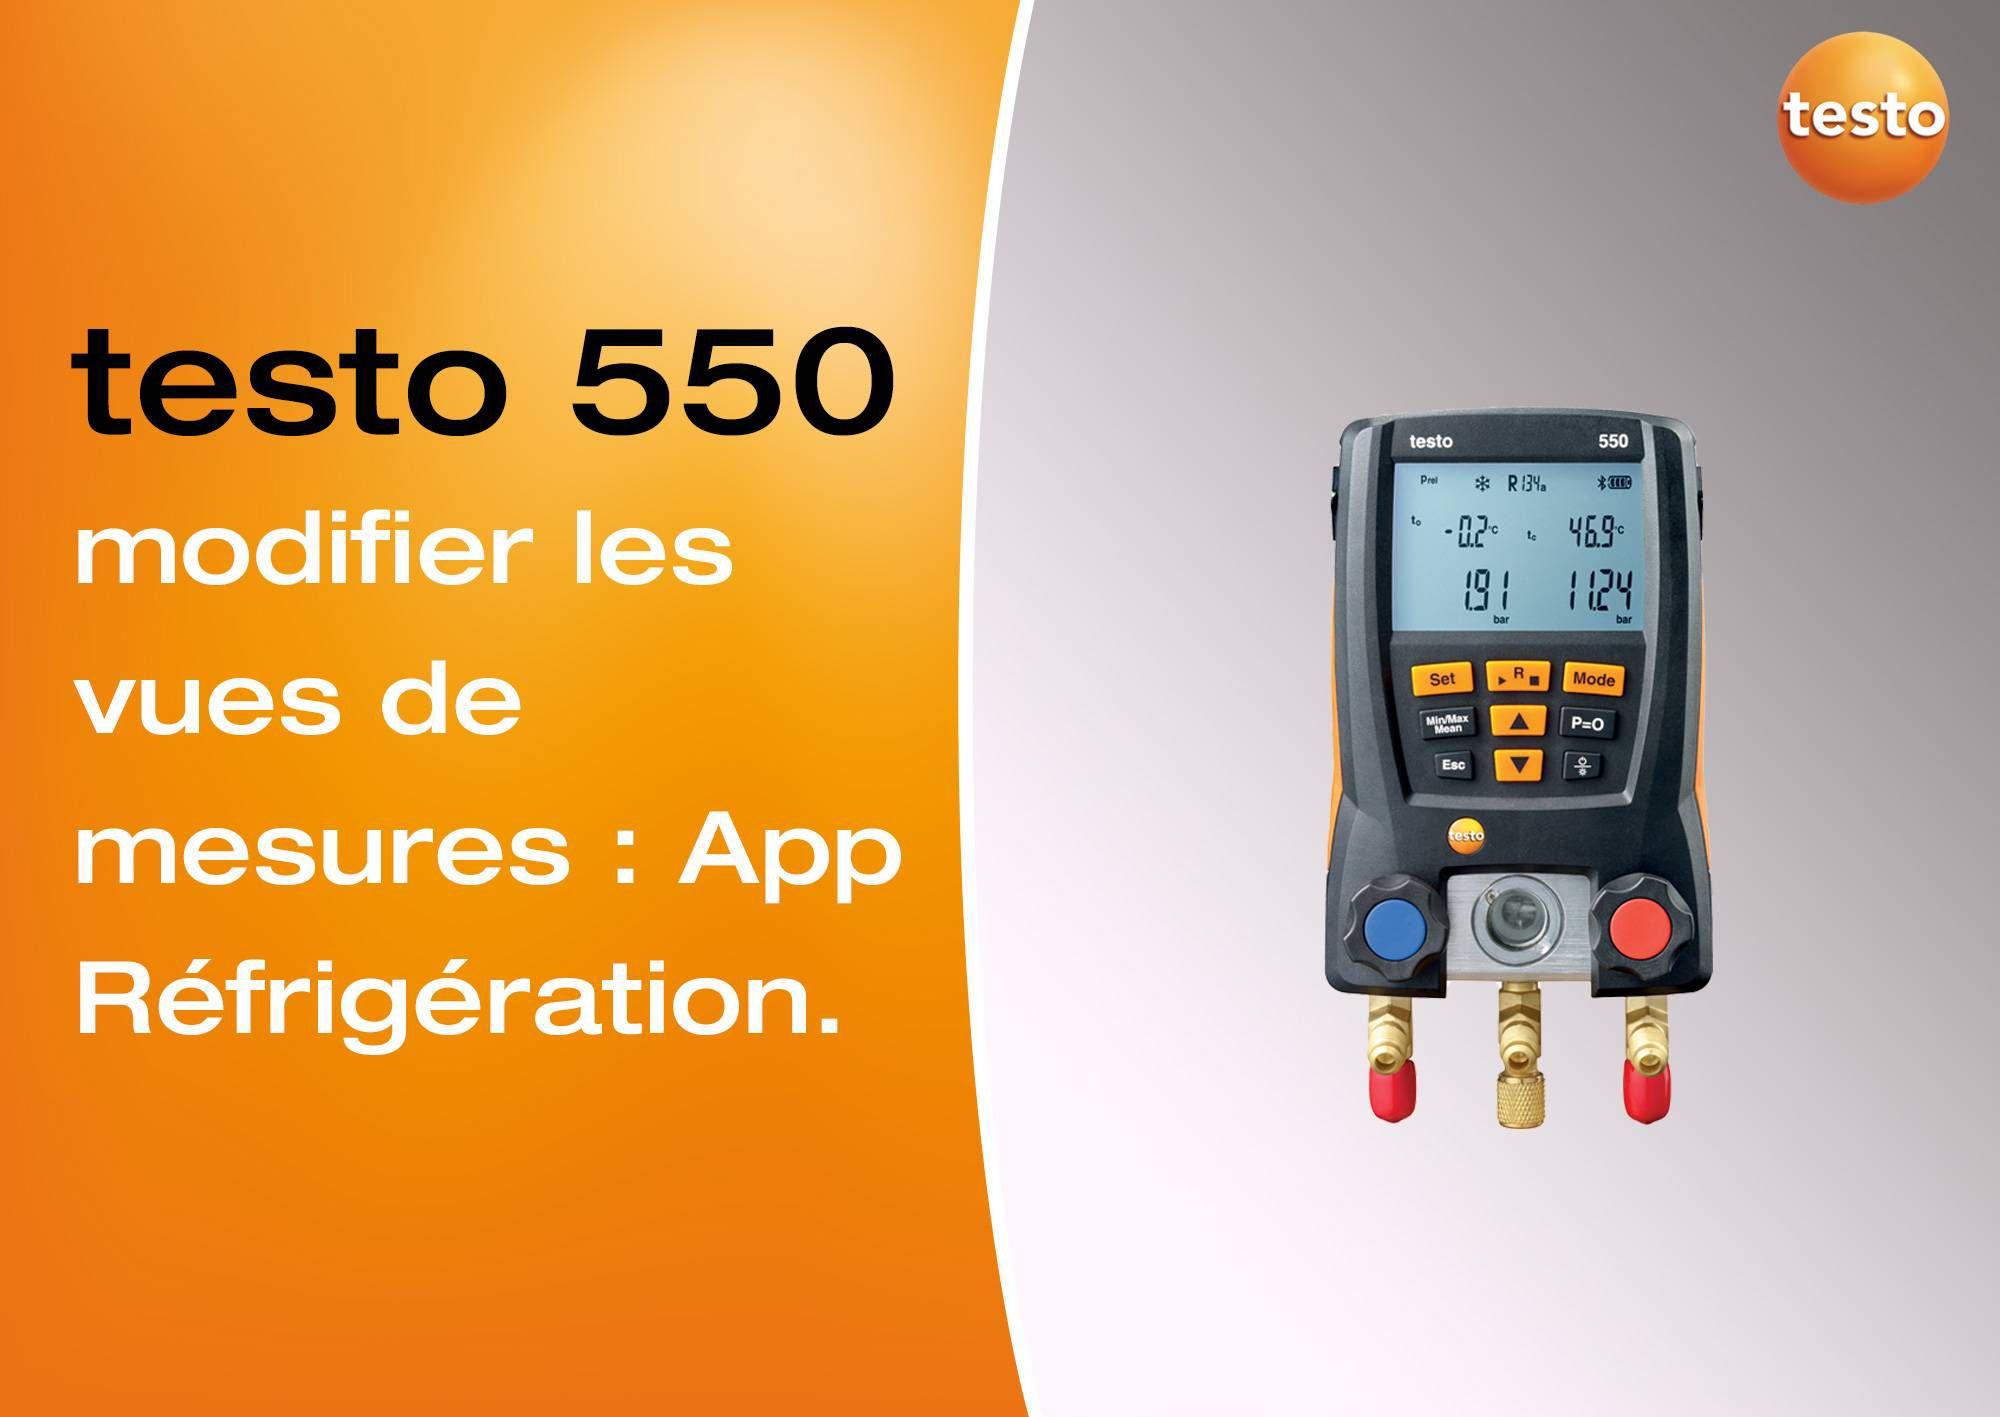 Tutoriel vidéo modification des vues de mesures App Réfrigération manomètre testo 550